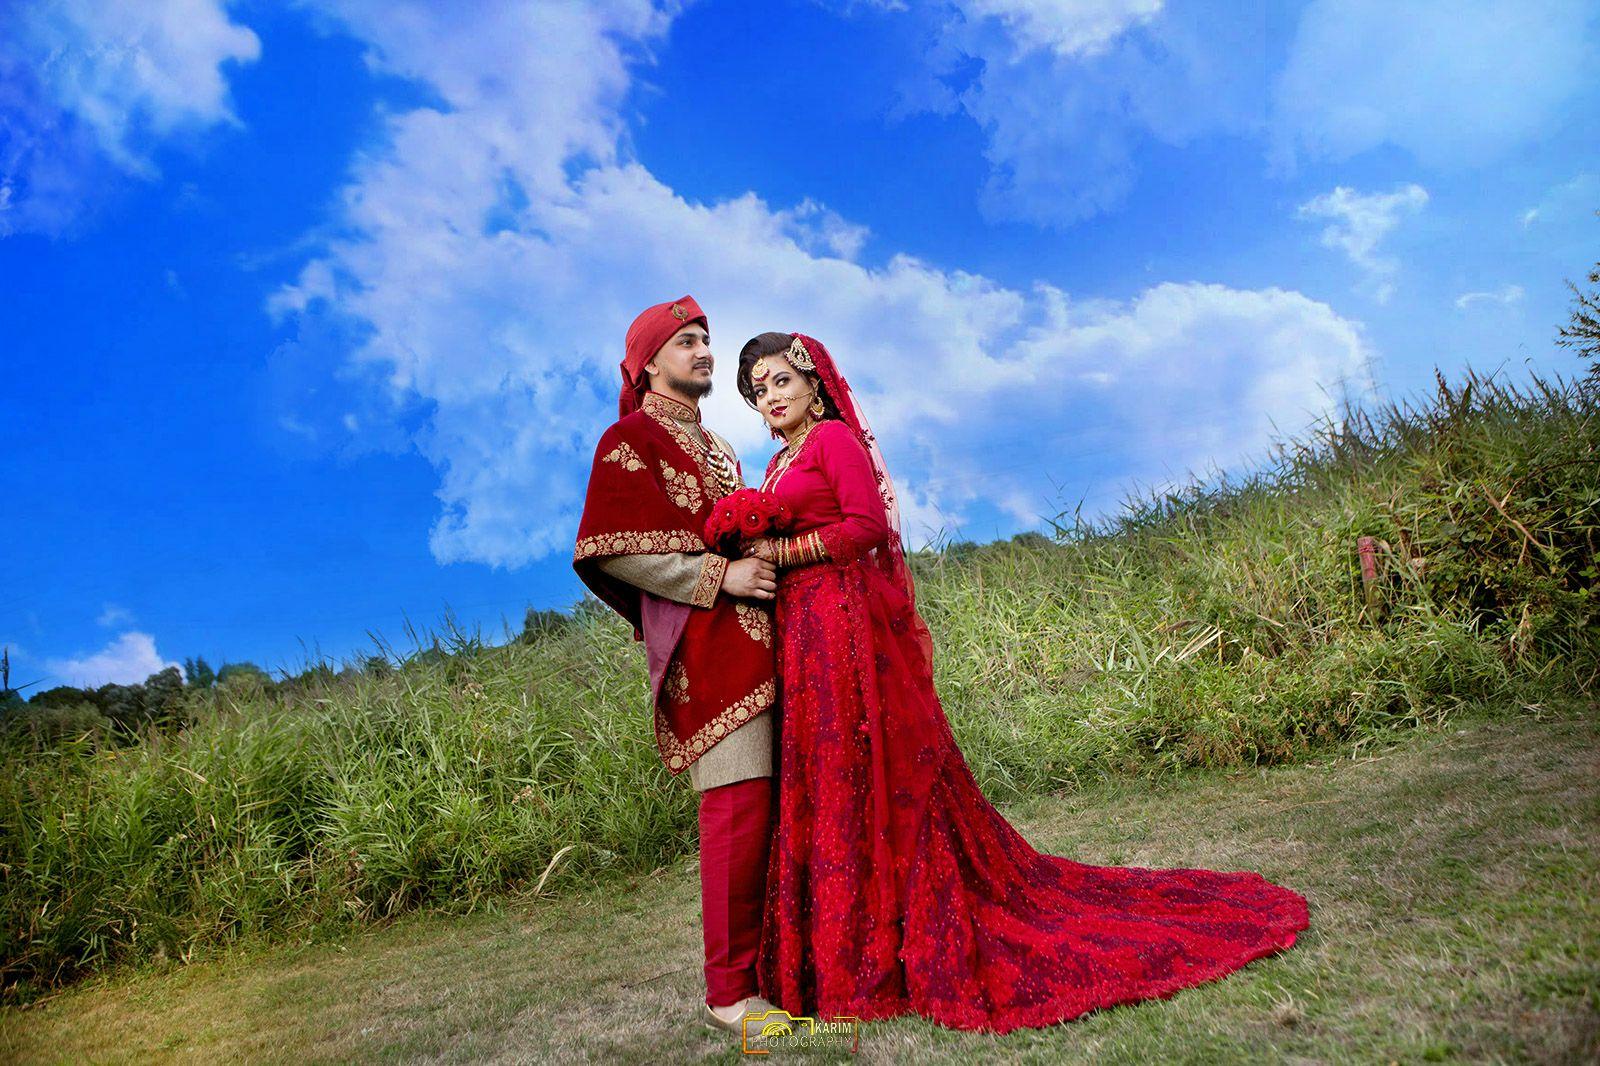 Karim Photography